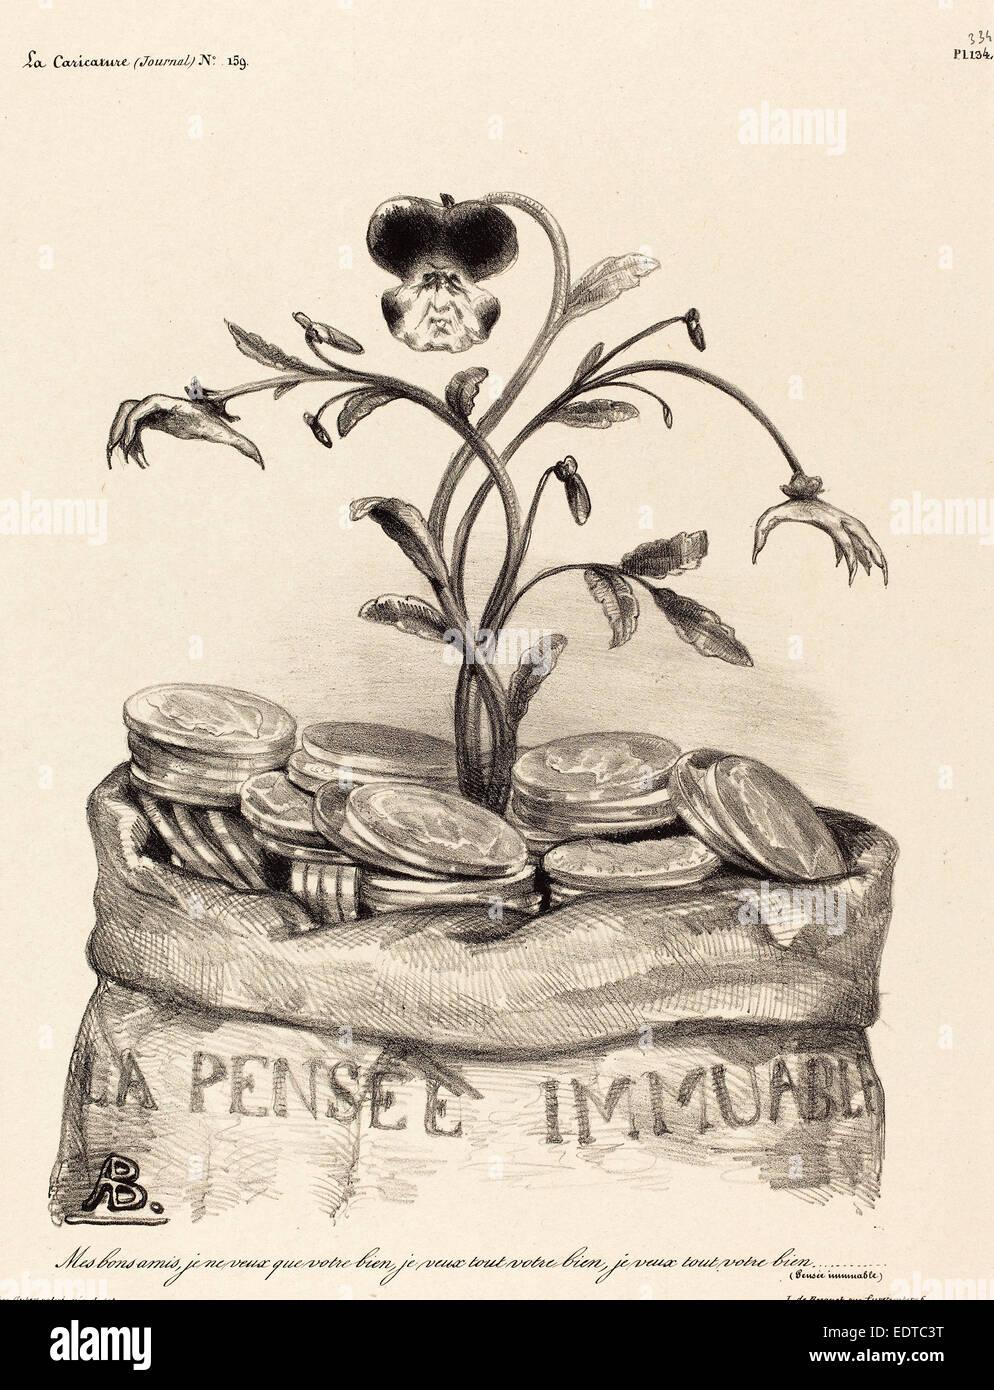 Auguste Bouquet, La Pensée Immunable, lithograph on chine collé - Stock Image